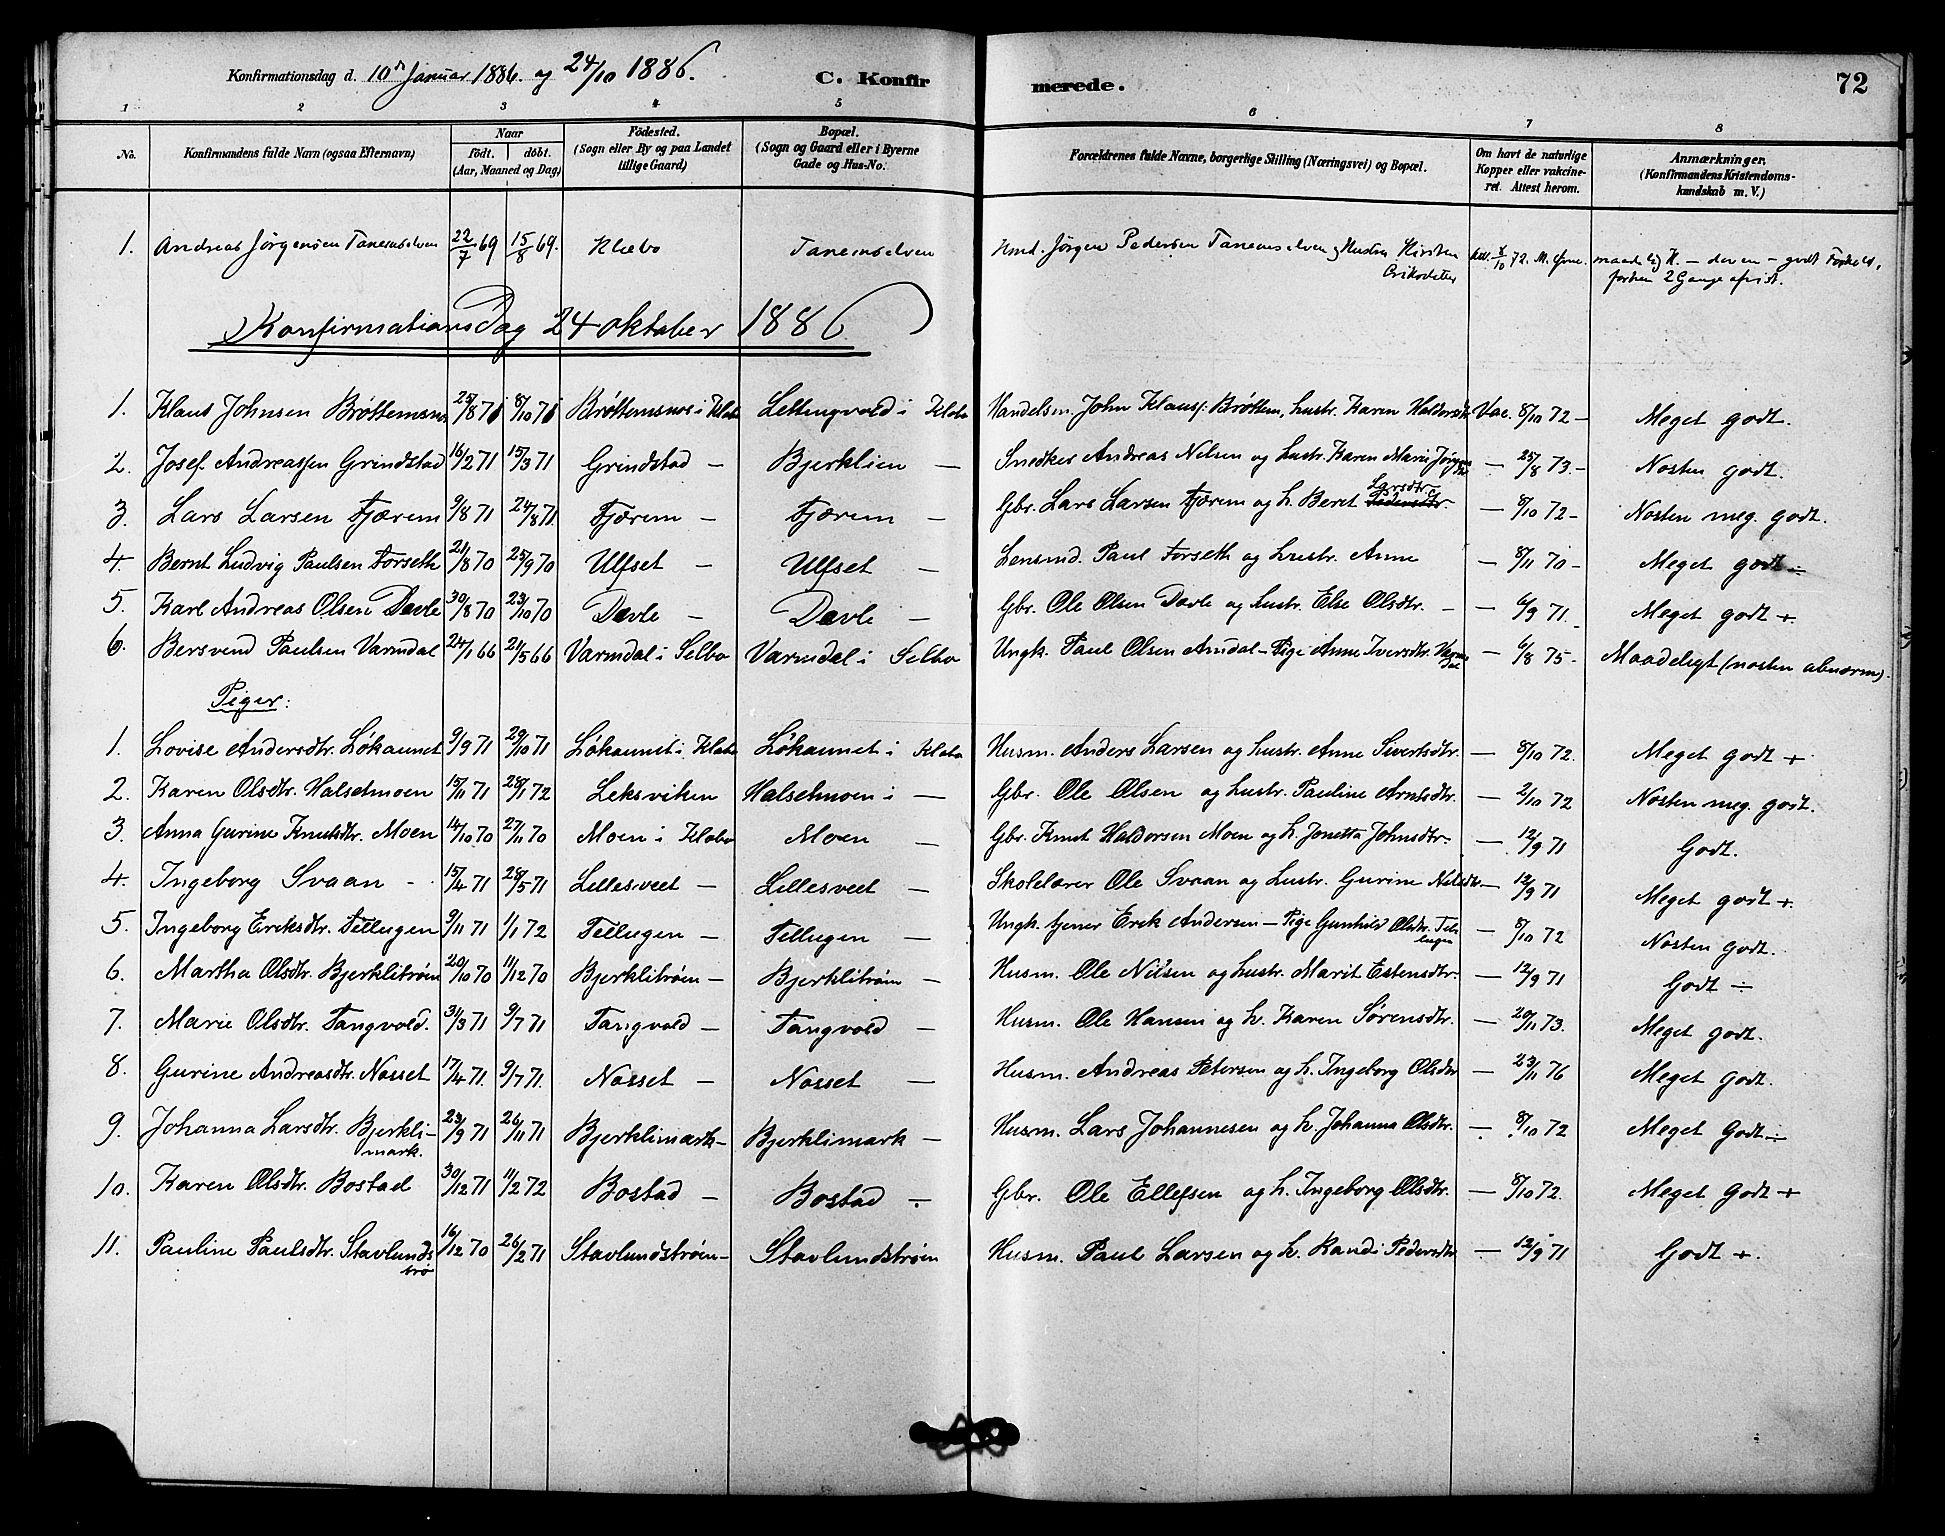 SAT, Ministerialprotokoller, klokkerbøker og fødselsregistre - Sør-Trøndelag, 618/L0444: Ministerialbok nr. 618A07, 1880-1898, s. 72